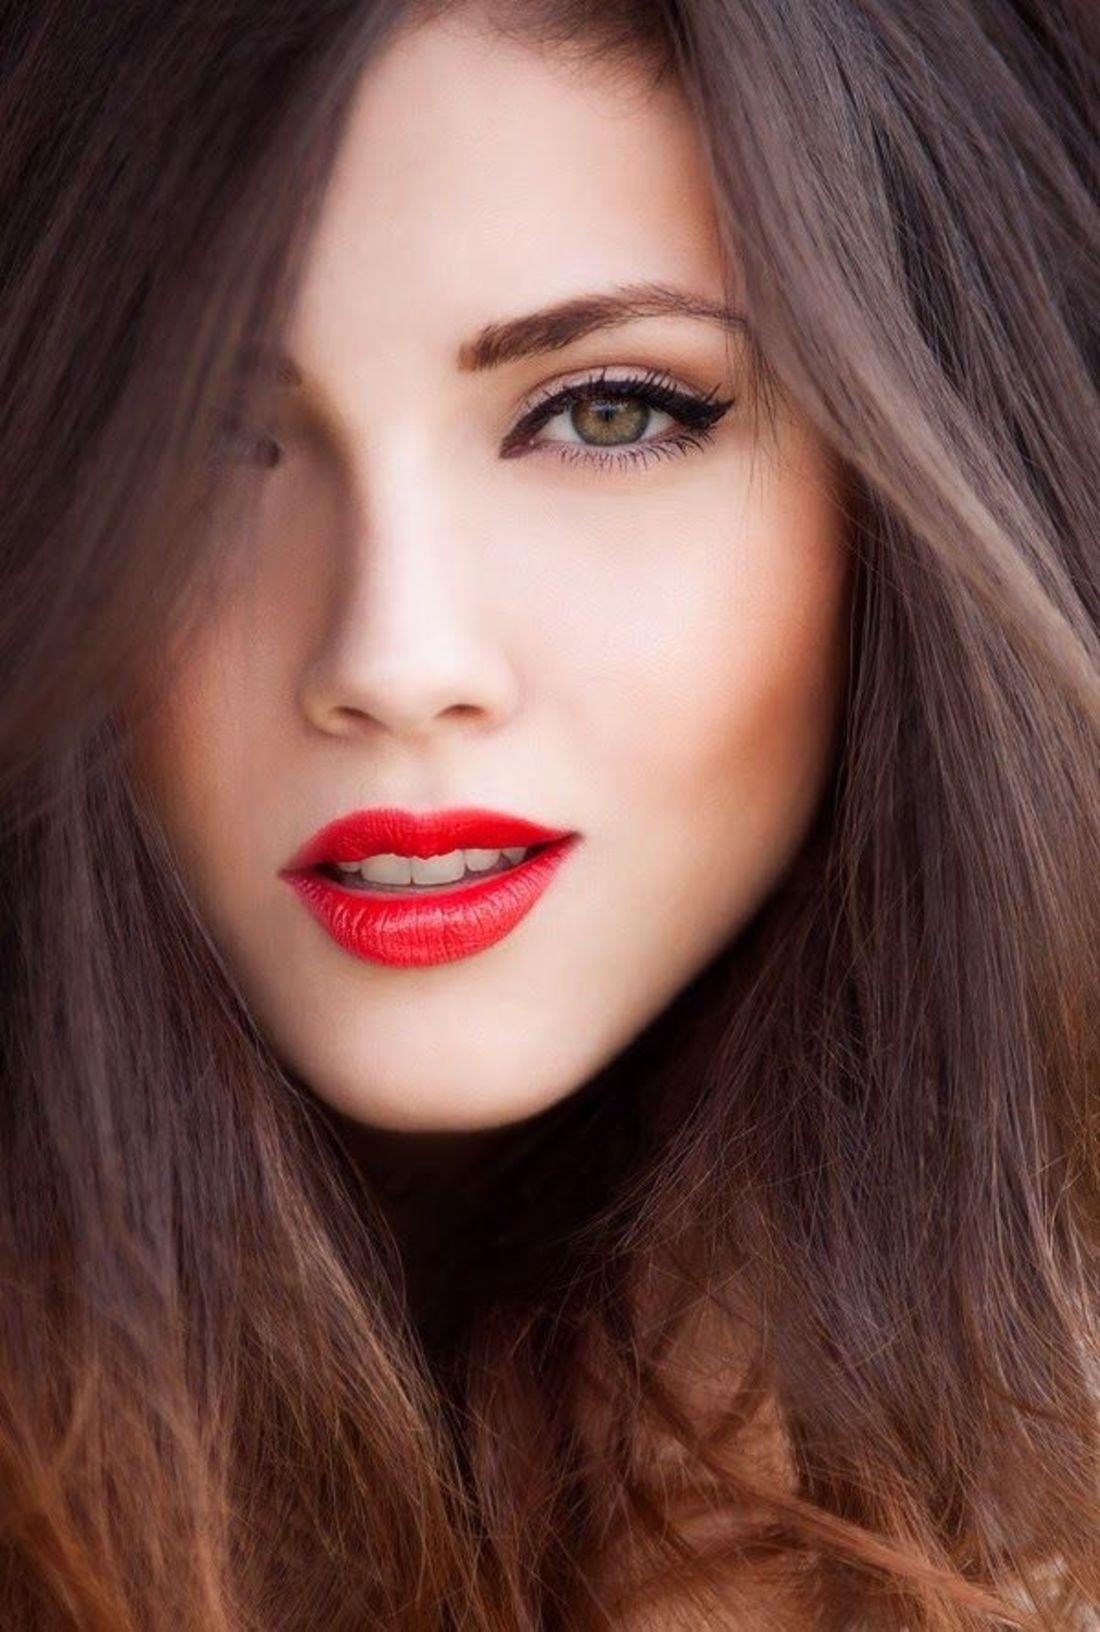 Макияж красные губы и чёрные глаза